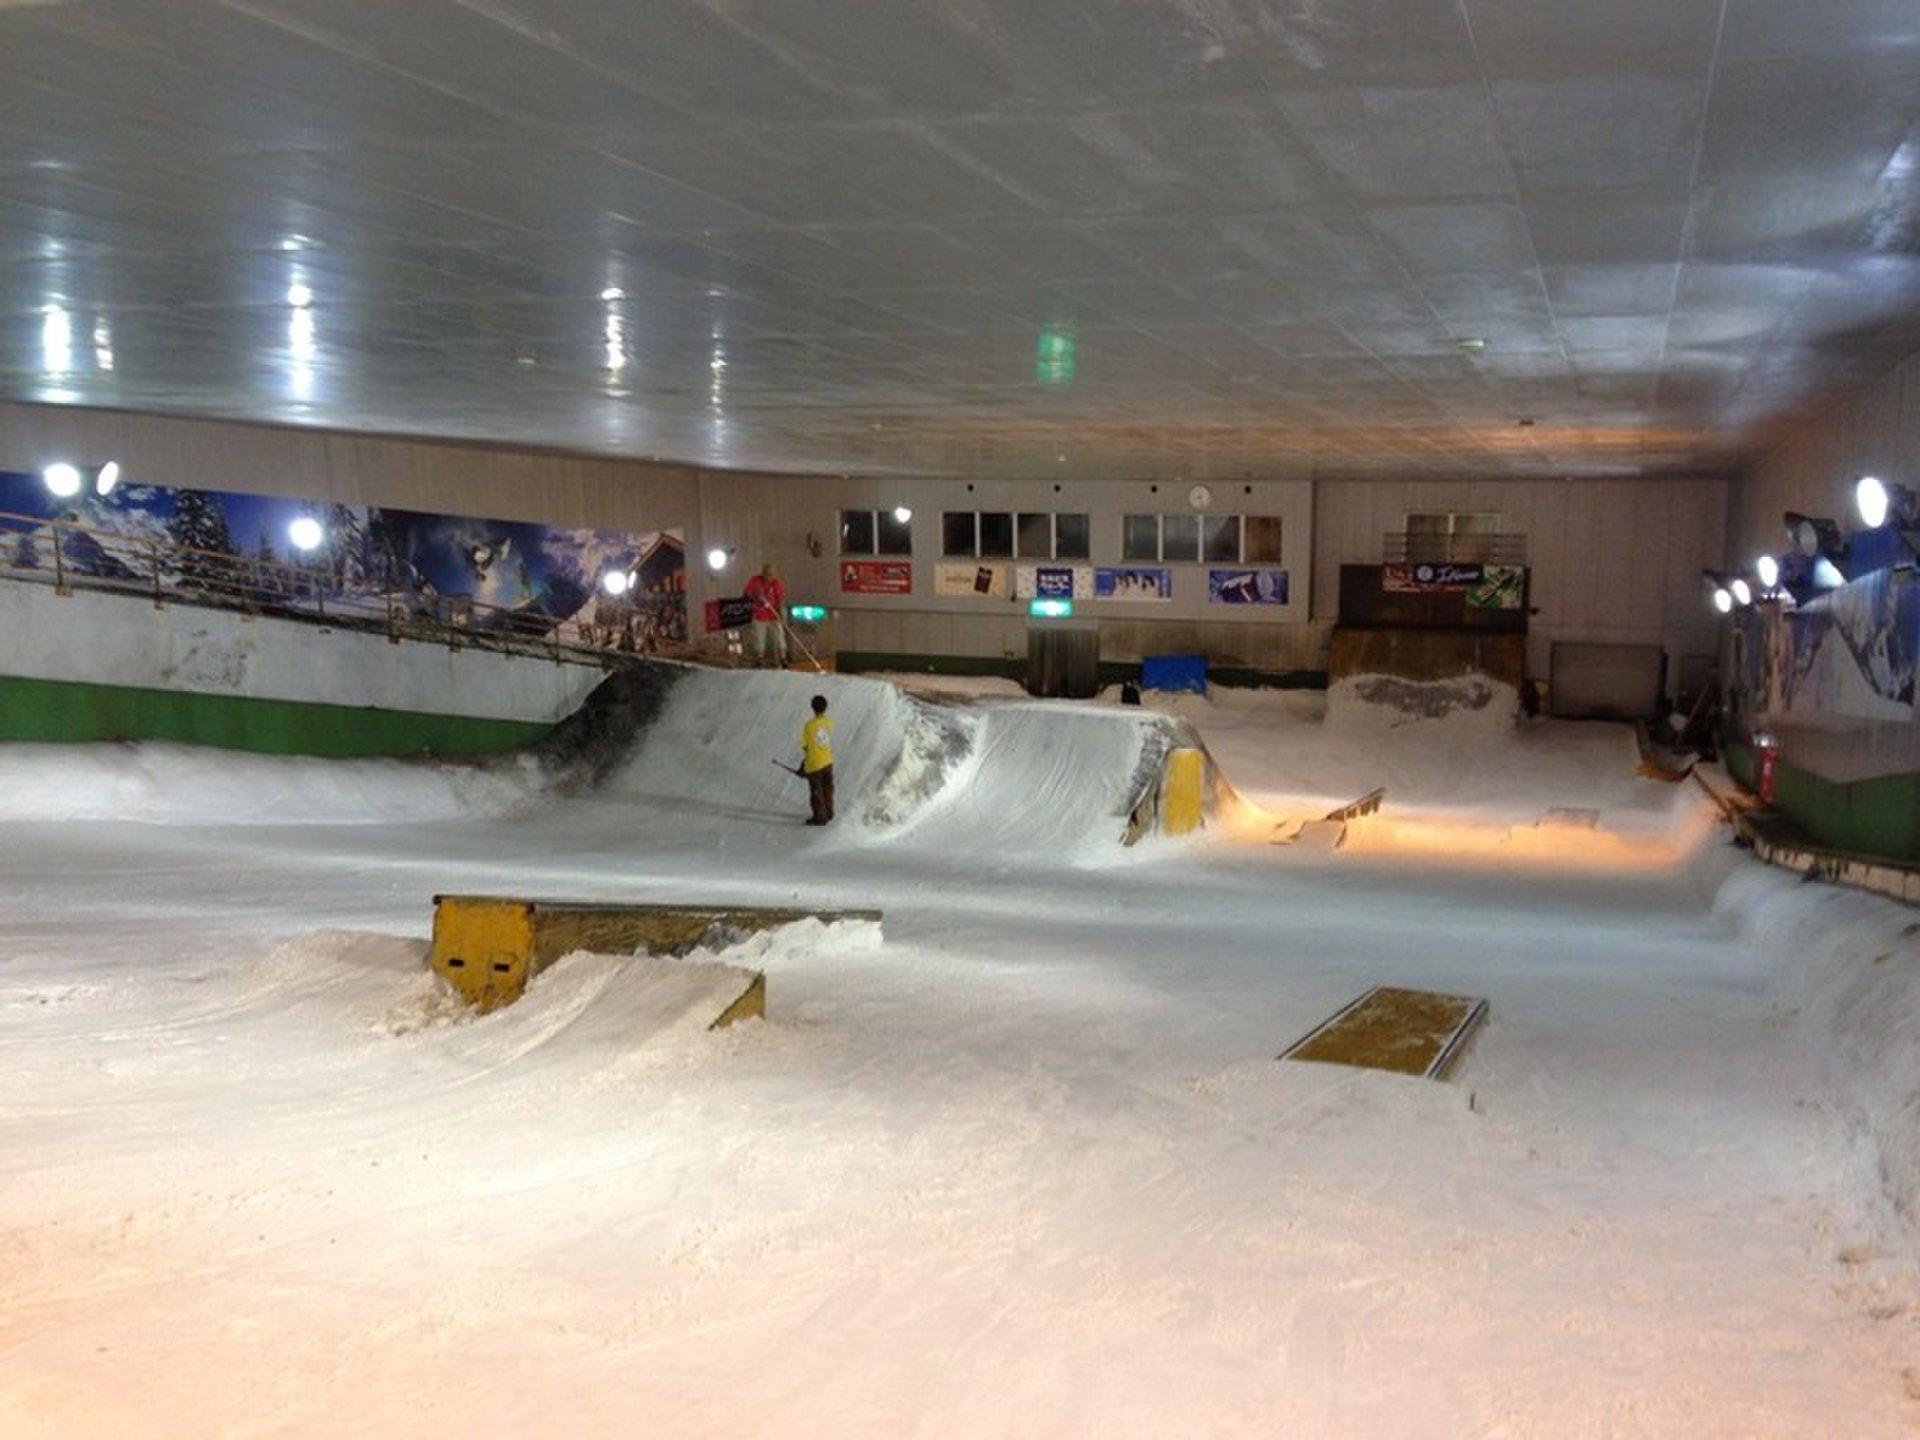 横浜でスノボ・スケートができるスポット2選!オリンピックで話題沸騰中!